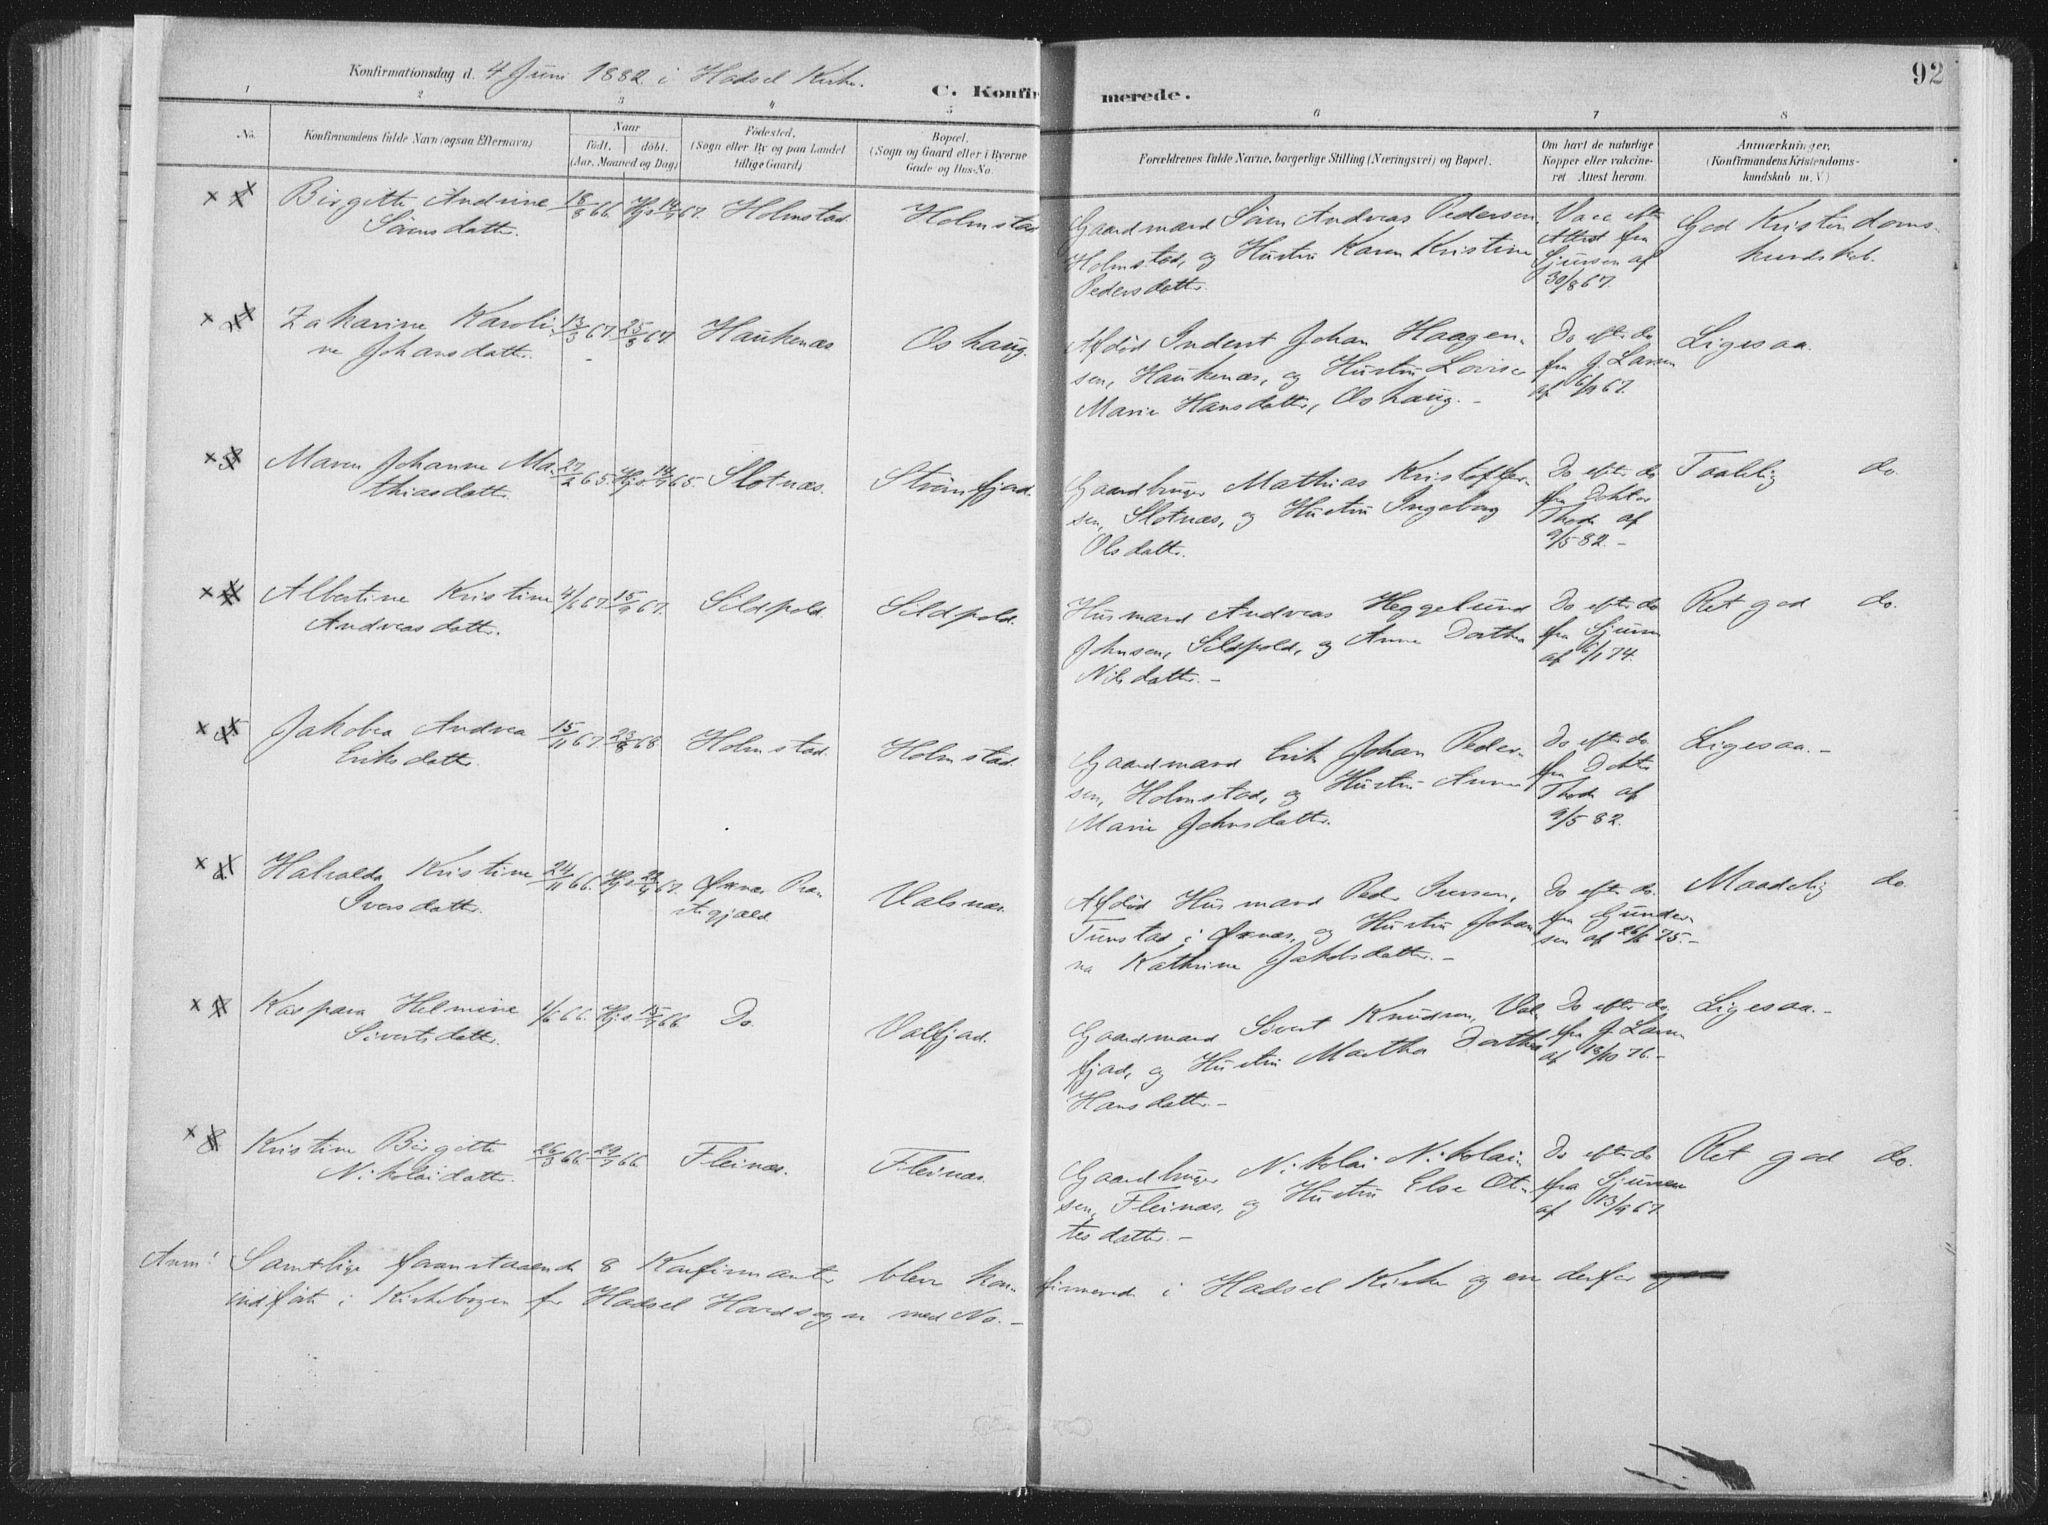 SAT, Ministerialprotokoller, klokkerbøker og fødselsregistre - Nordland, 890/L1286: Parish register (official) no. 890A01, 1882-1902, p. 92